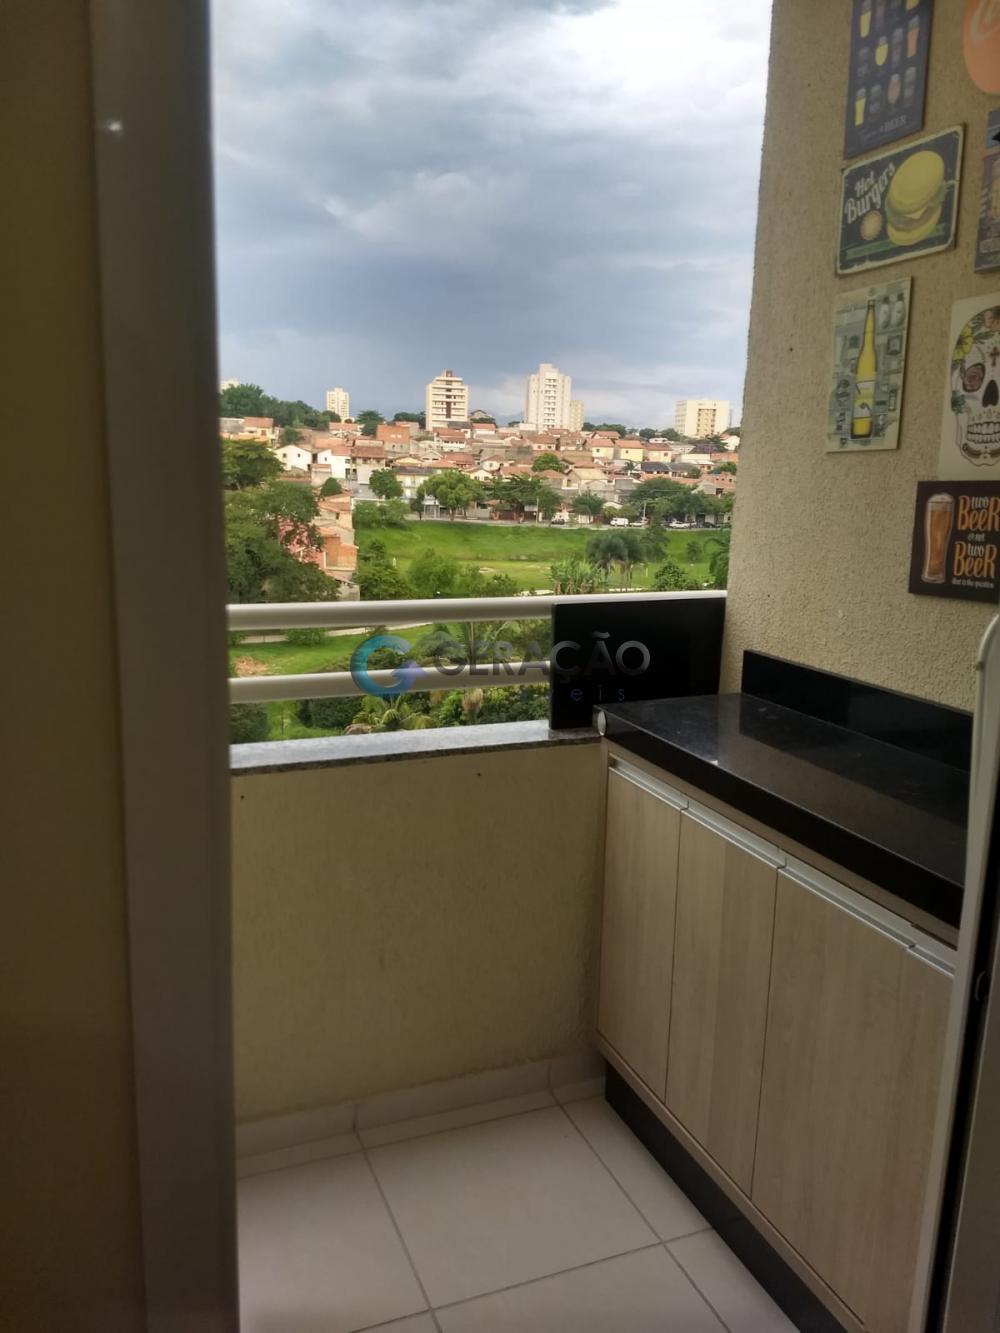 Comprar Apartamento / Padrão em São José dos Campos R$ 290.000,00 - Foto 3